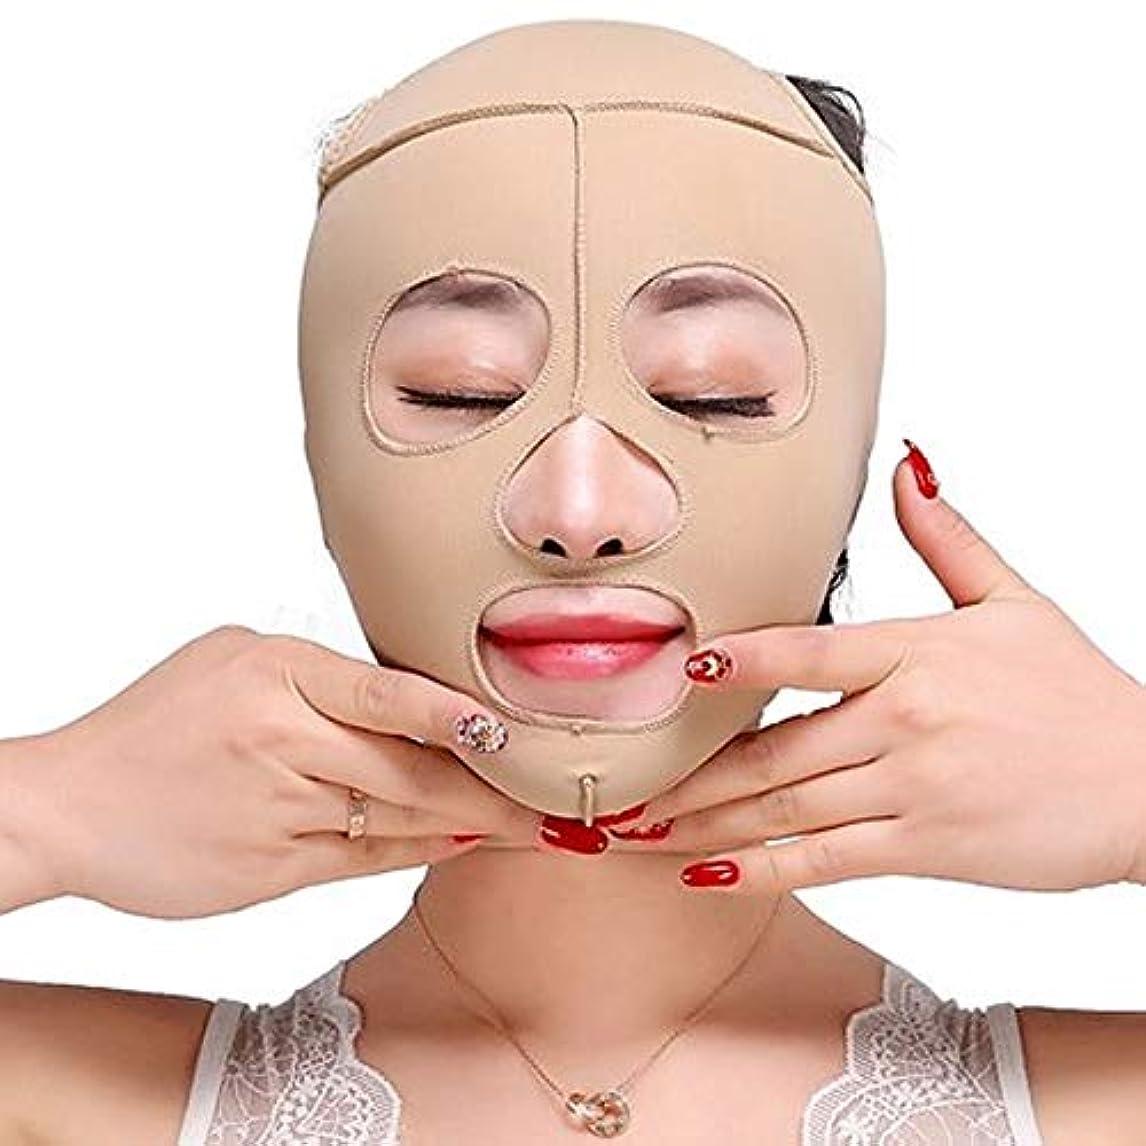 受取人受取人制限されたJia Jia- フェイスリフティングアーティファクト睡眠薄い顔顔の顔薄い顔V顔マスク二重あご薄い顔包帯肌色 顔面包帯 (サイズ さいず : XL)